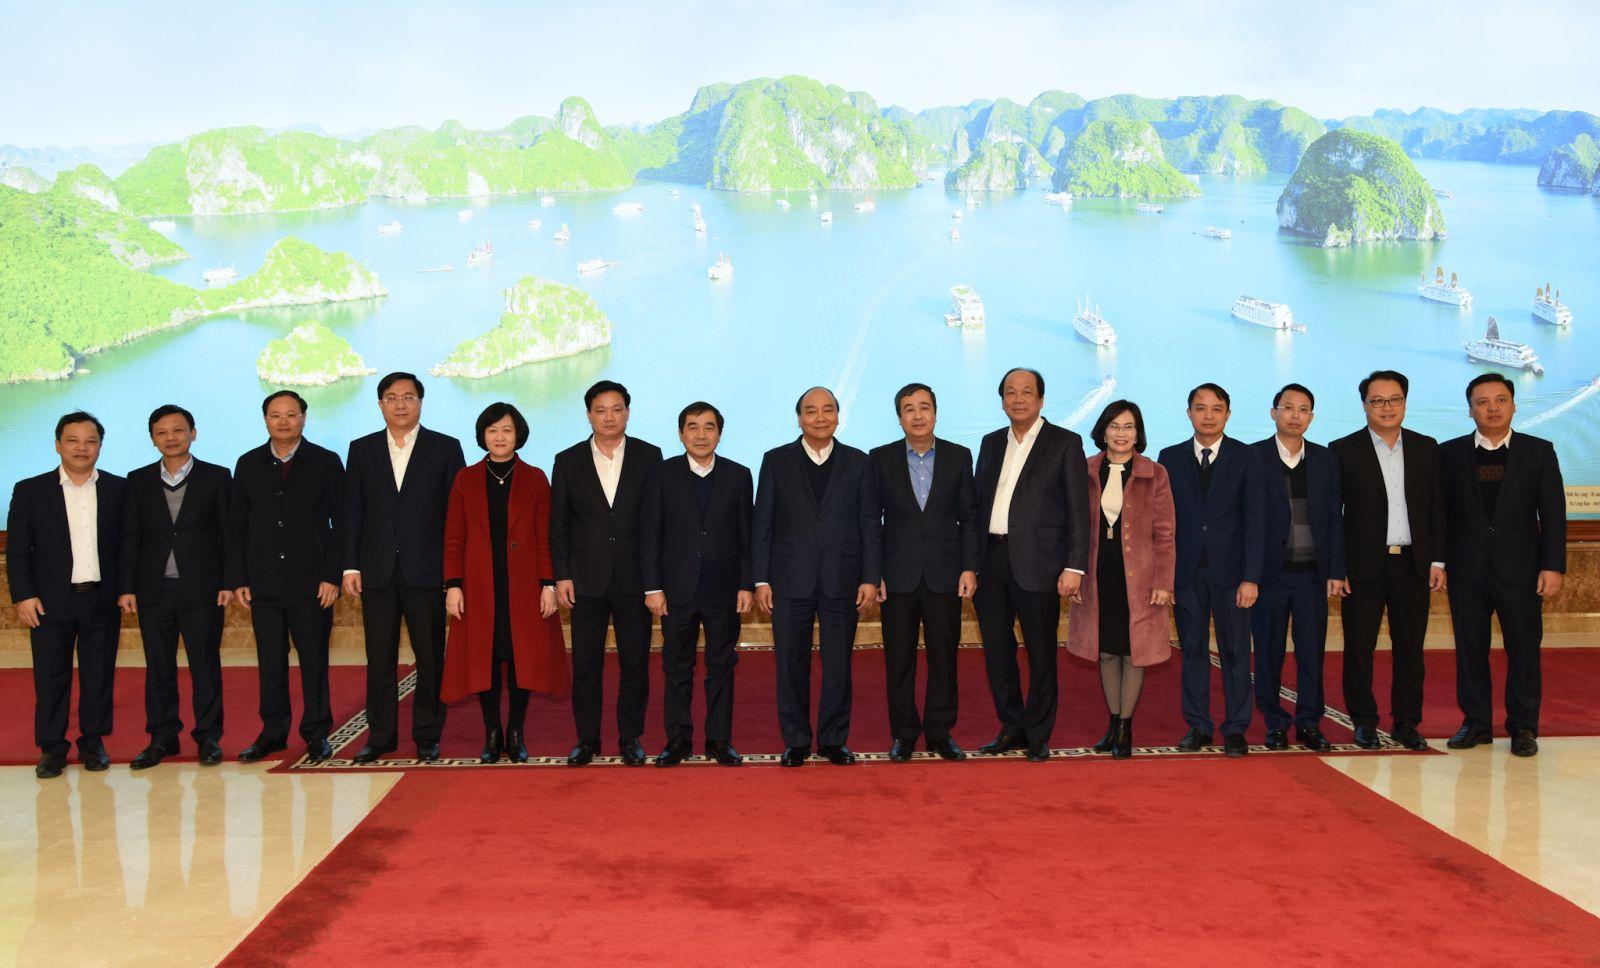 Thủ tướng làm việc với lãnh đạo tỉnh Thái Bình ngày 16-12-2020. Ảnh: VGP/Quang Hiếu